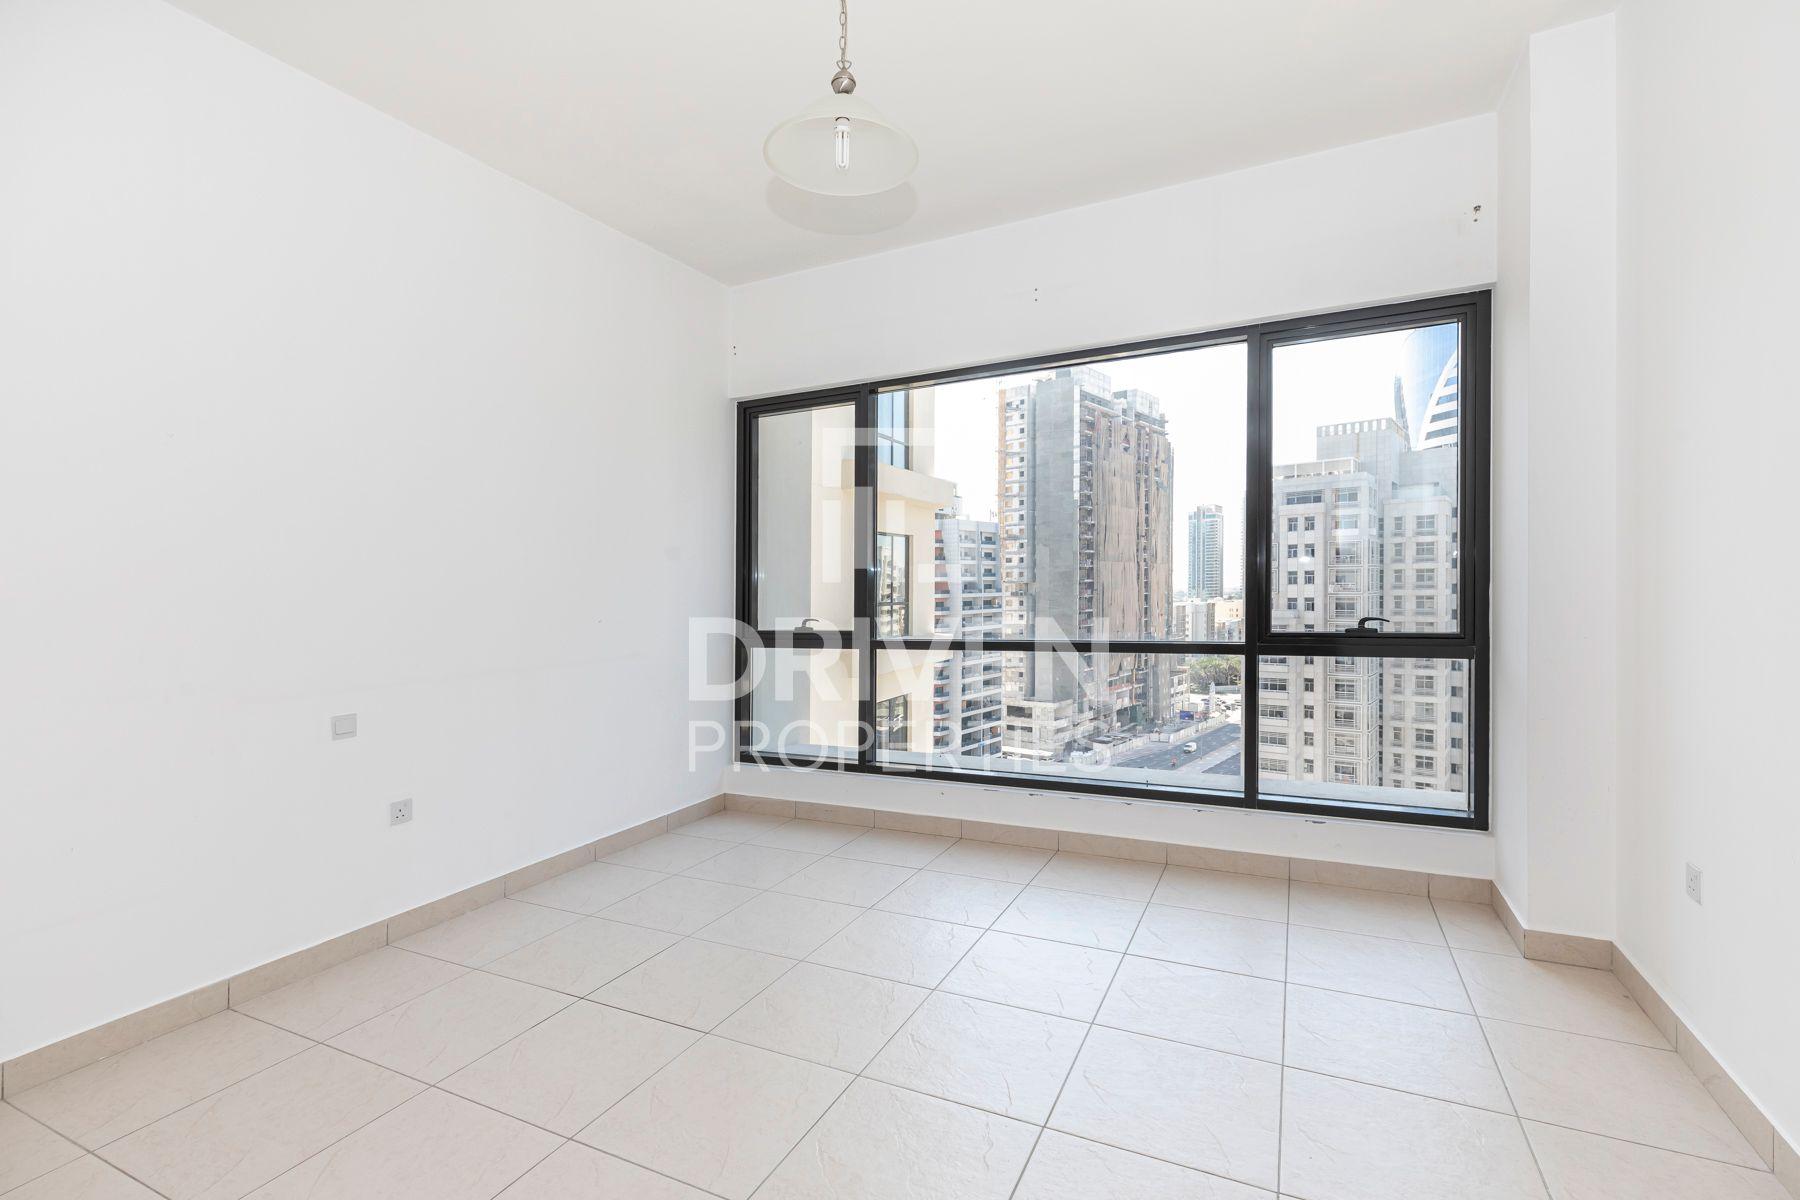 1,331 قدم مربع  شقة - للايجار - برشا هايتس (تيكوم)